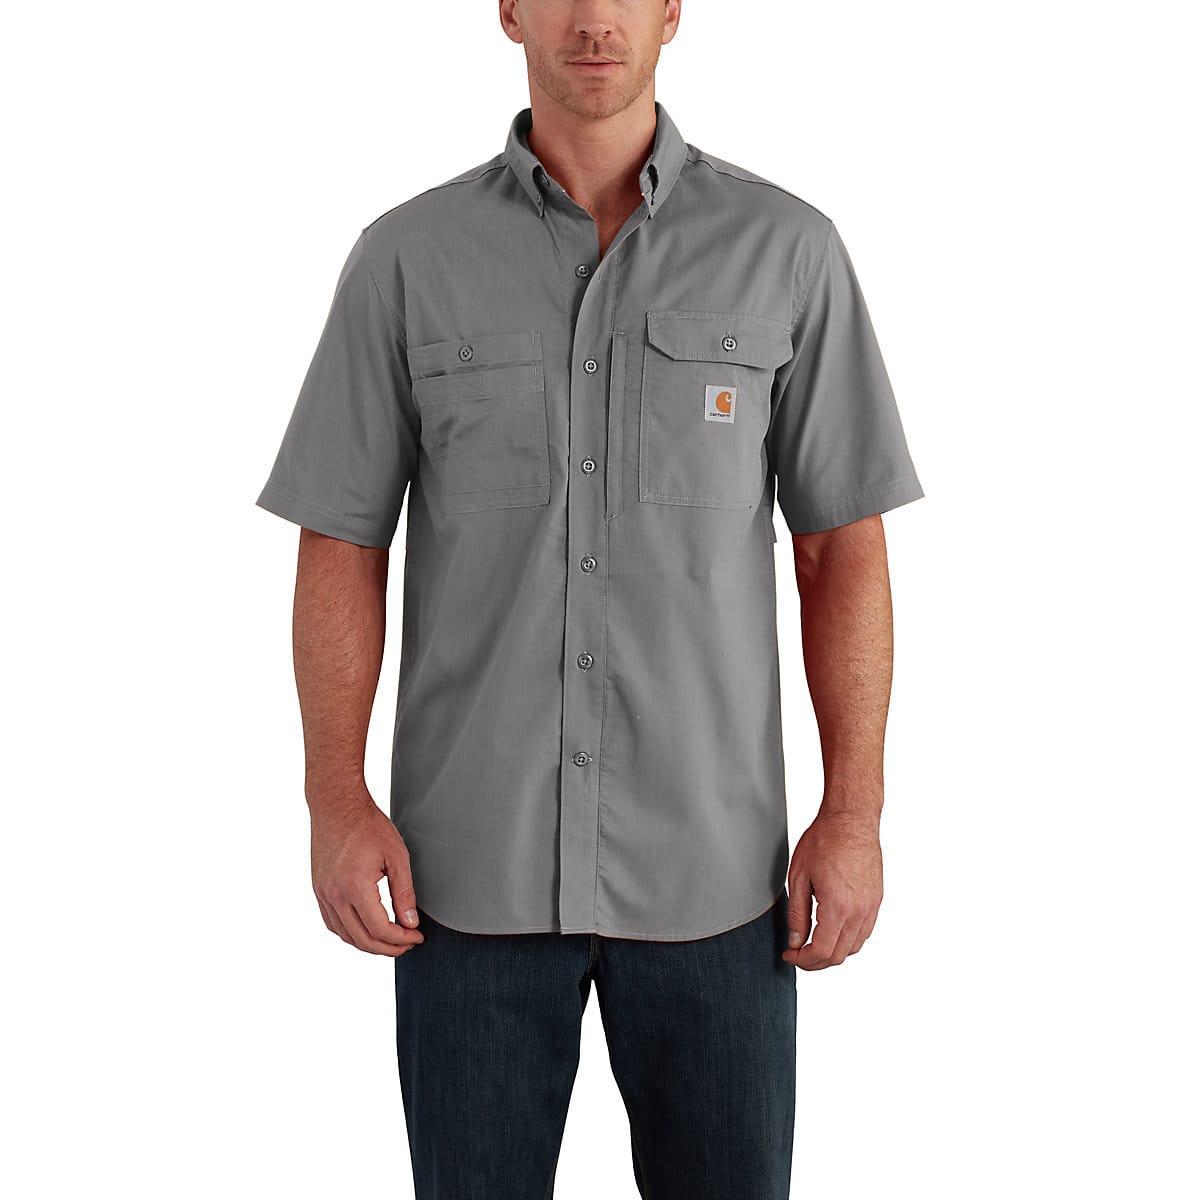 Short Sizes to 4XL Regular /& Longs Ultra Foce Black Zipper Pants /& Shirt